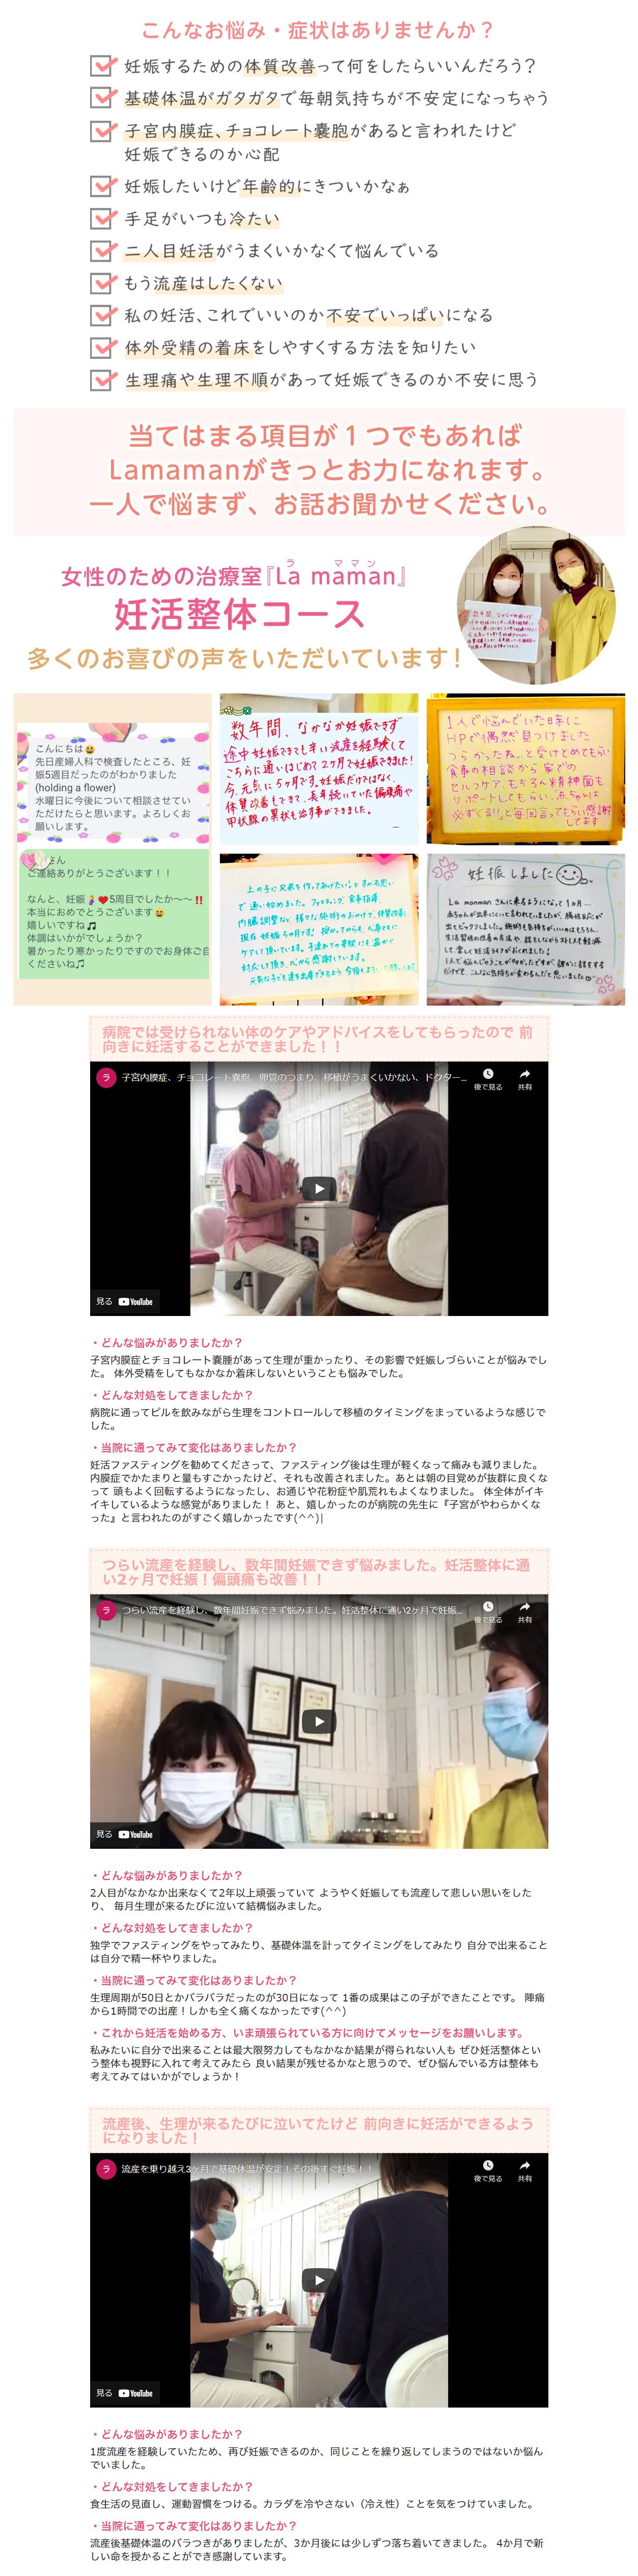 ホームページ更新情報 動画追加 女性のための治療室 ラママン様